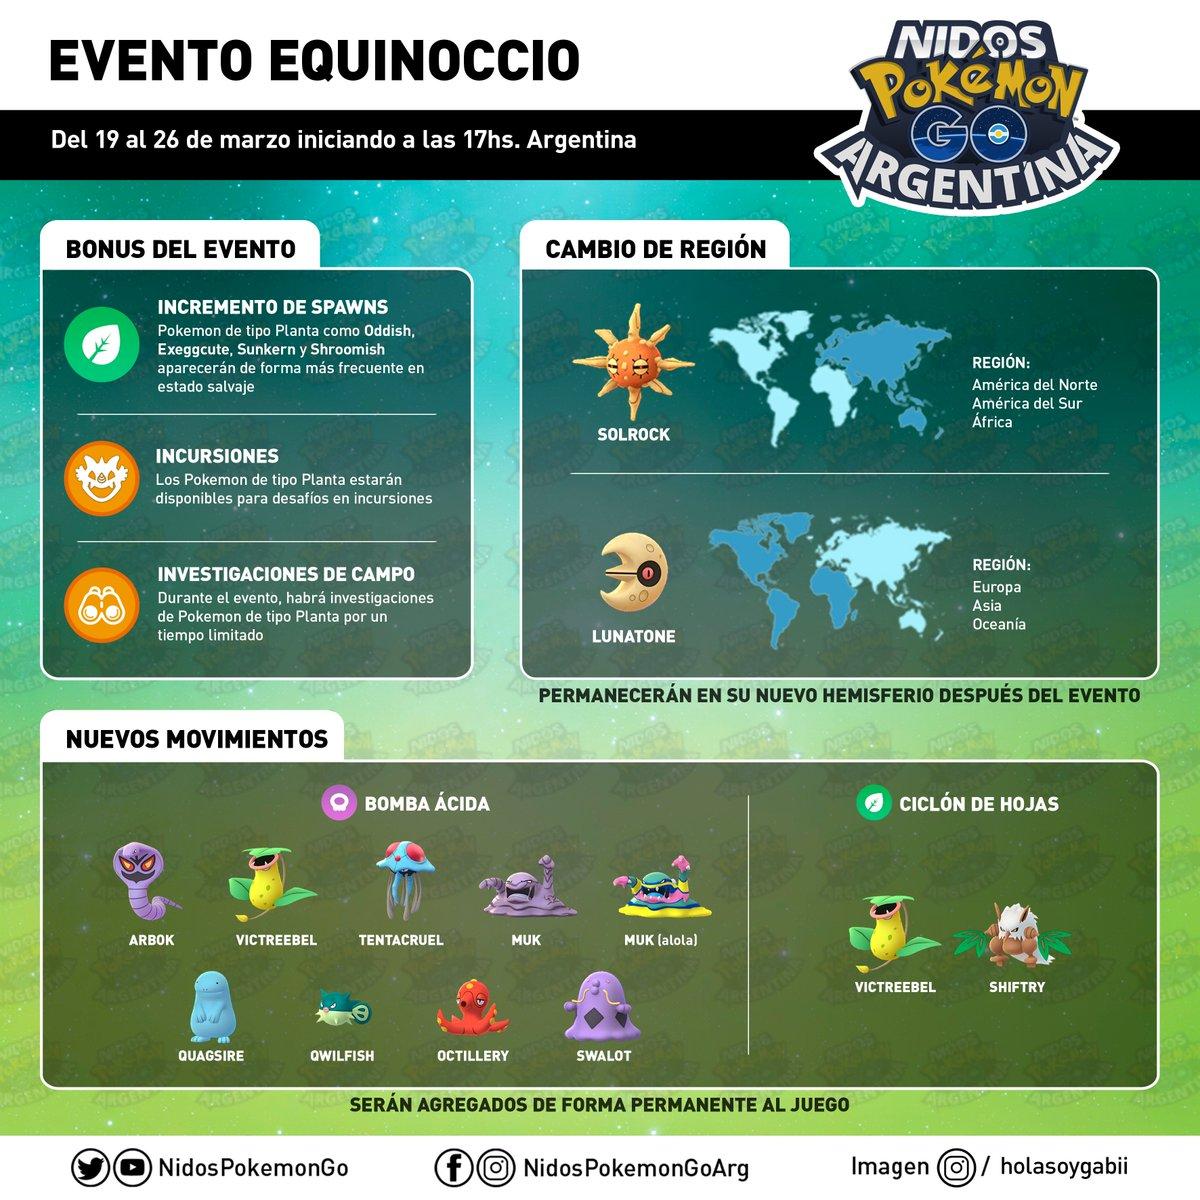 Nuevos ataques y cambio de hemisferio de Lunatone y Solrock en Pokémon GO hecho por Nidos Pokémon GO Argentina